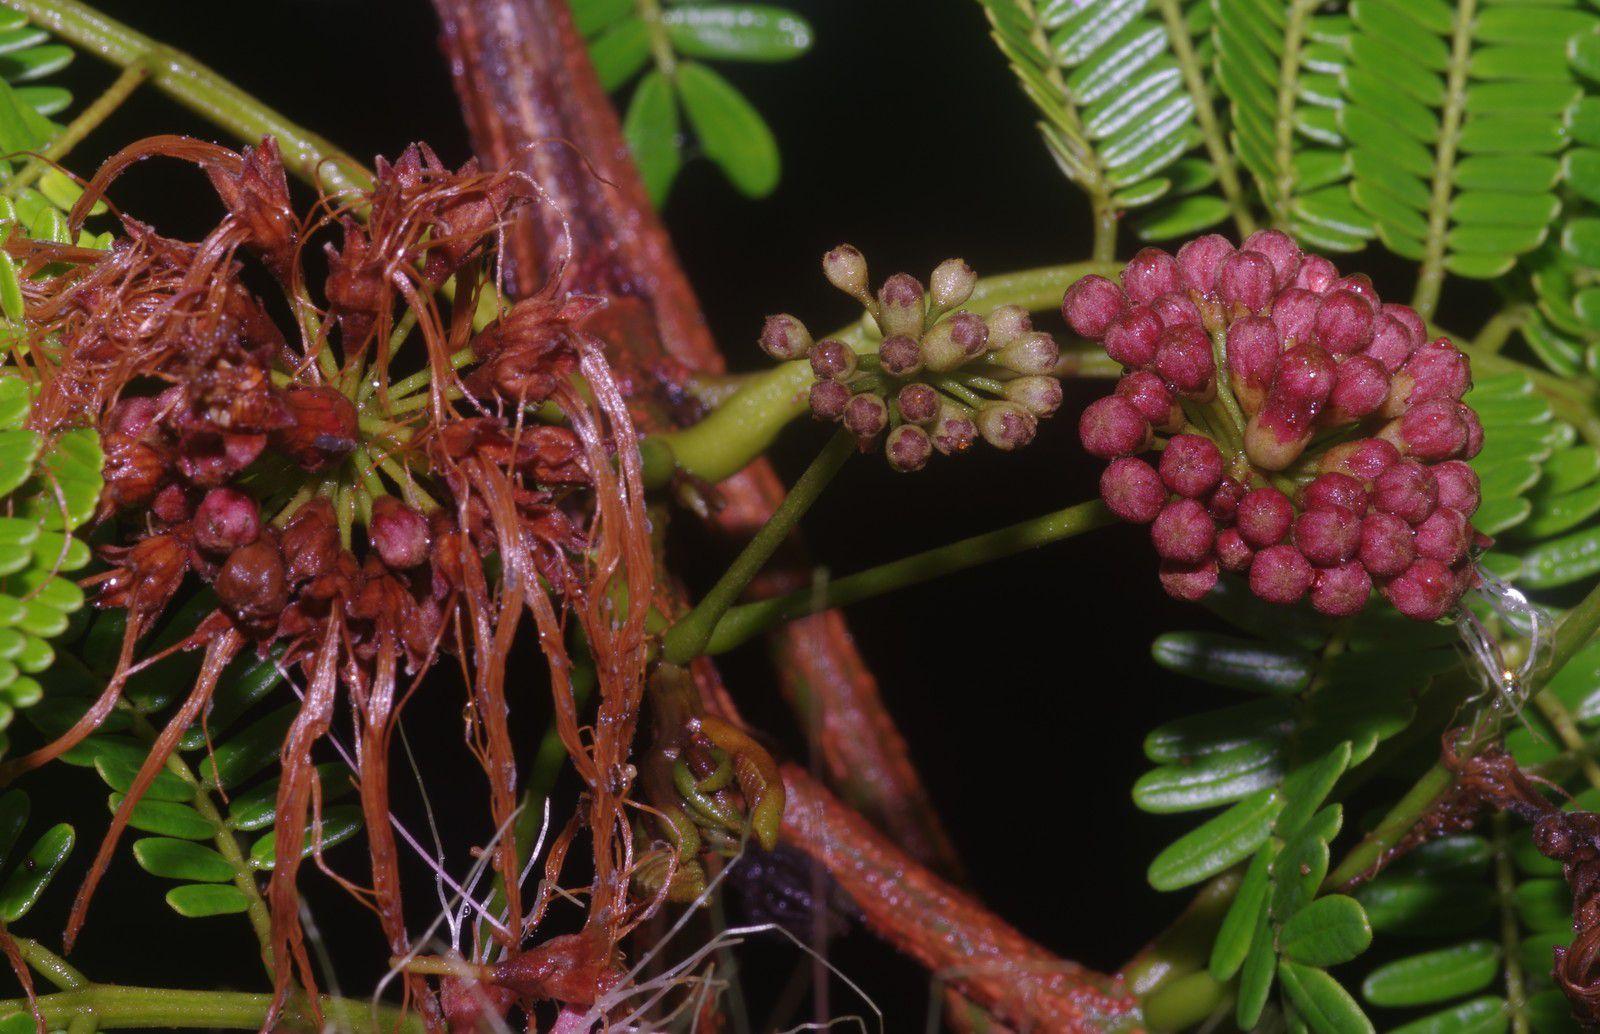 Balizia pedicellaris (bois macaque, cèdre marécage)